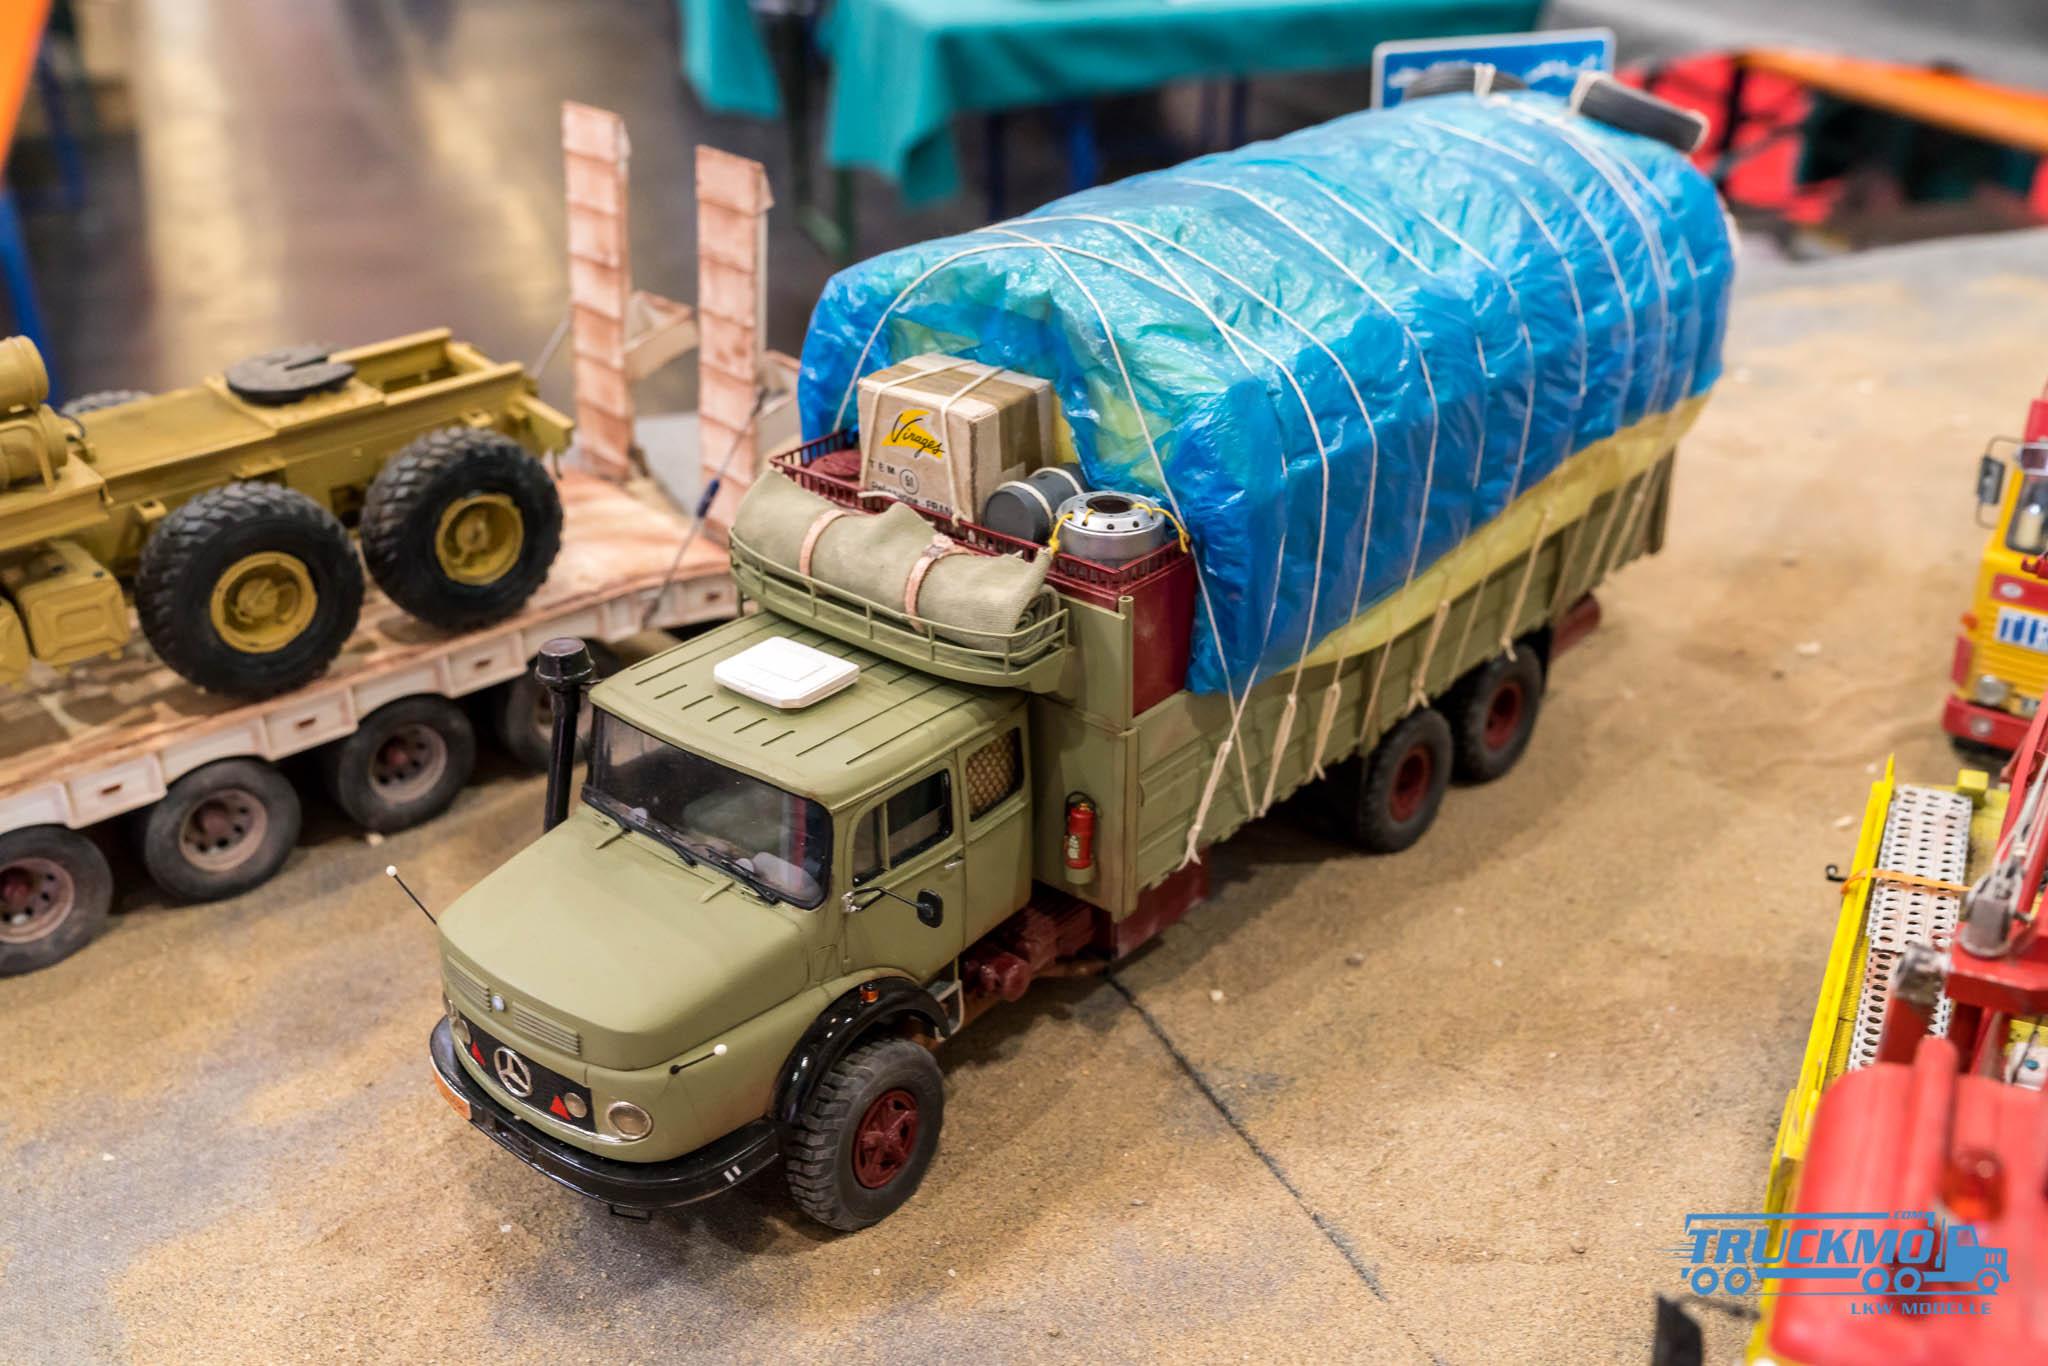 Truckmo_Modellbau_Ried_2017_Herpa_Messe_Modellbauausstellung (423 von 1177)